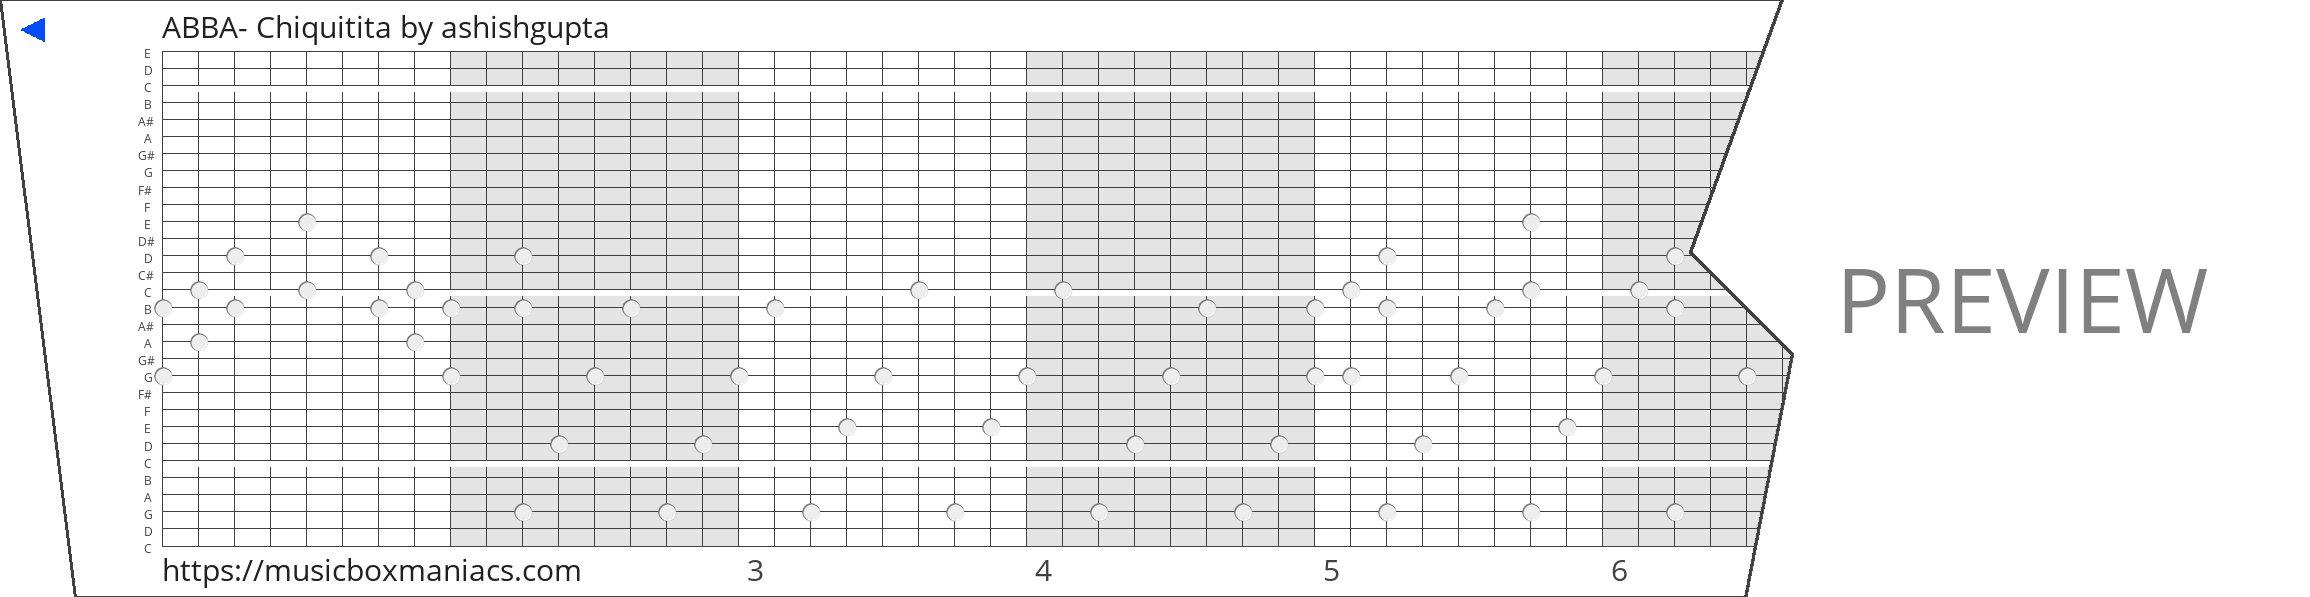 ABBA- Chiquitita 30 note music box paper strip